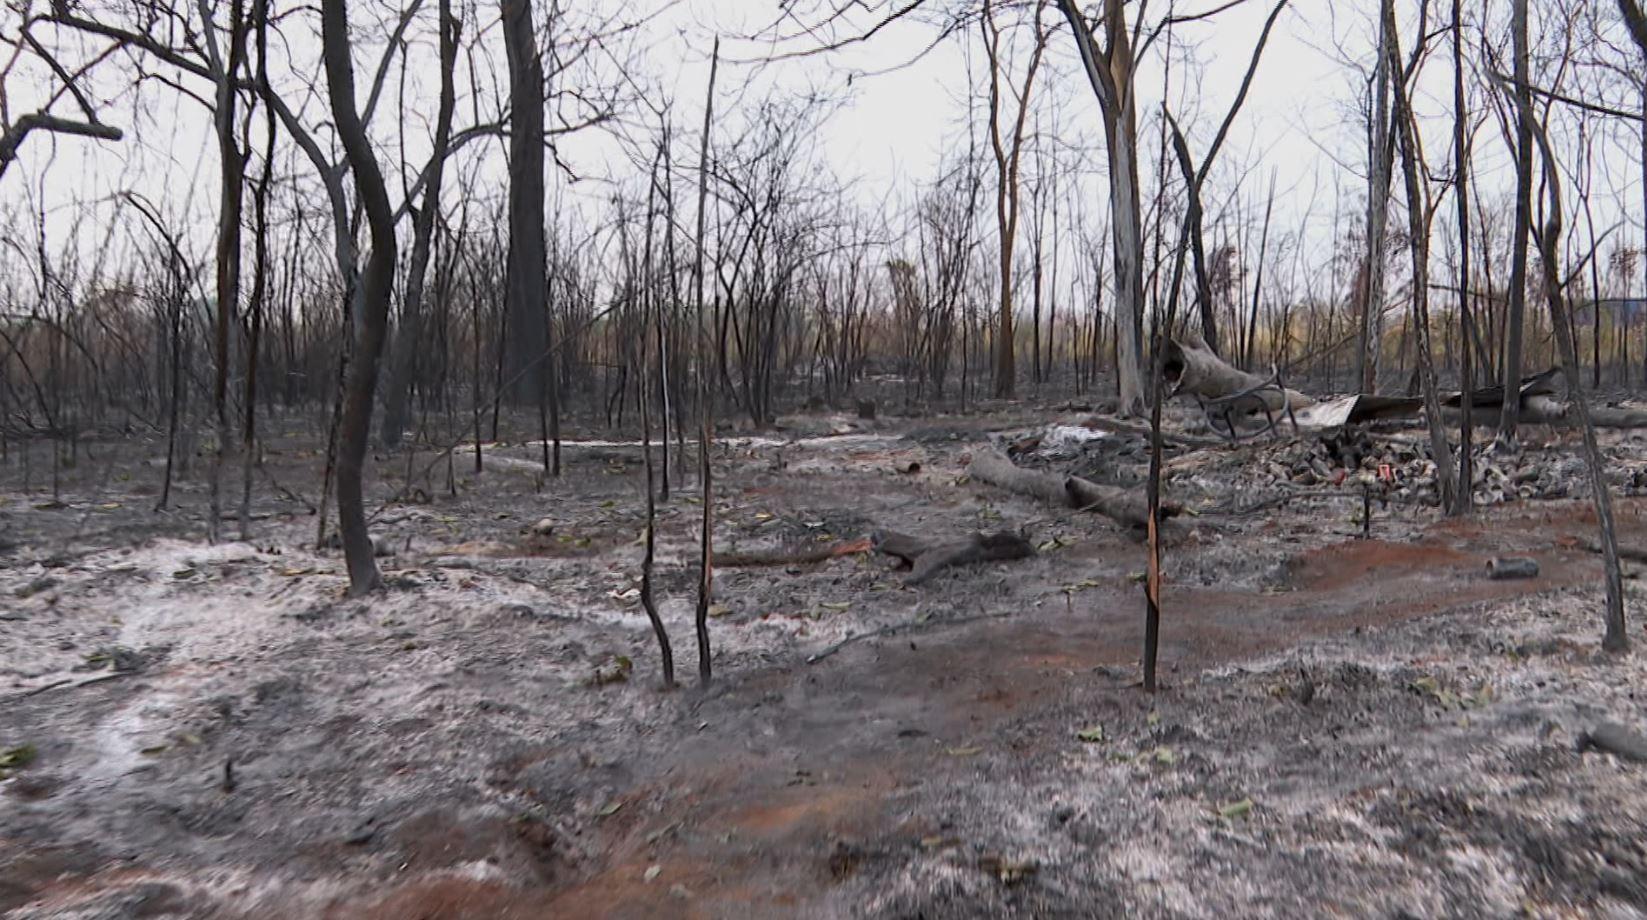 Catador de recicláveis é encontrado morto em mata que pegou fogo em Ribeirão Preto, SP